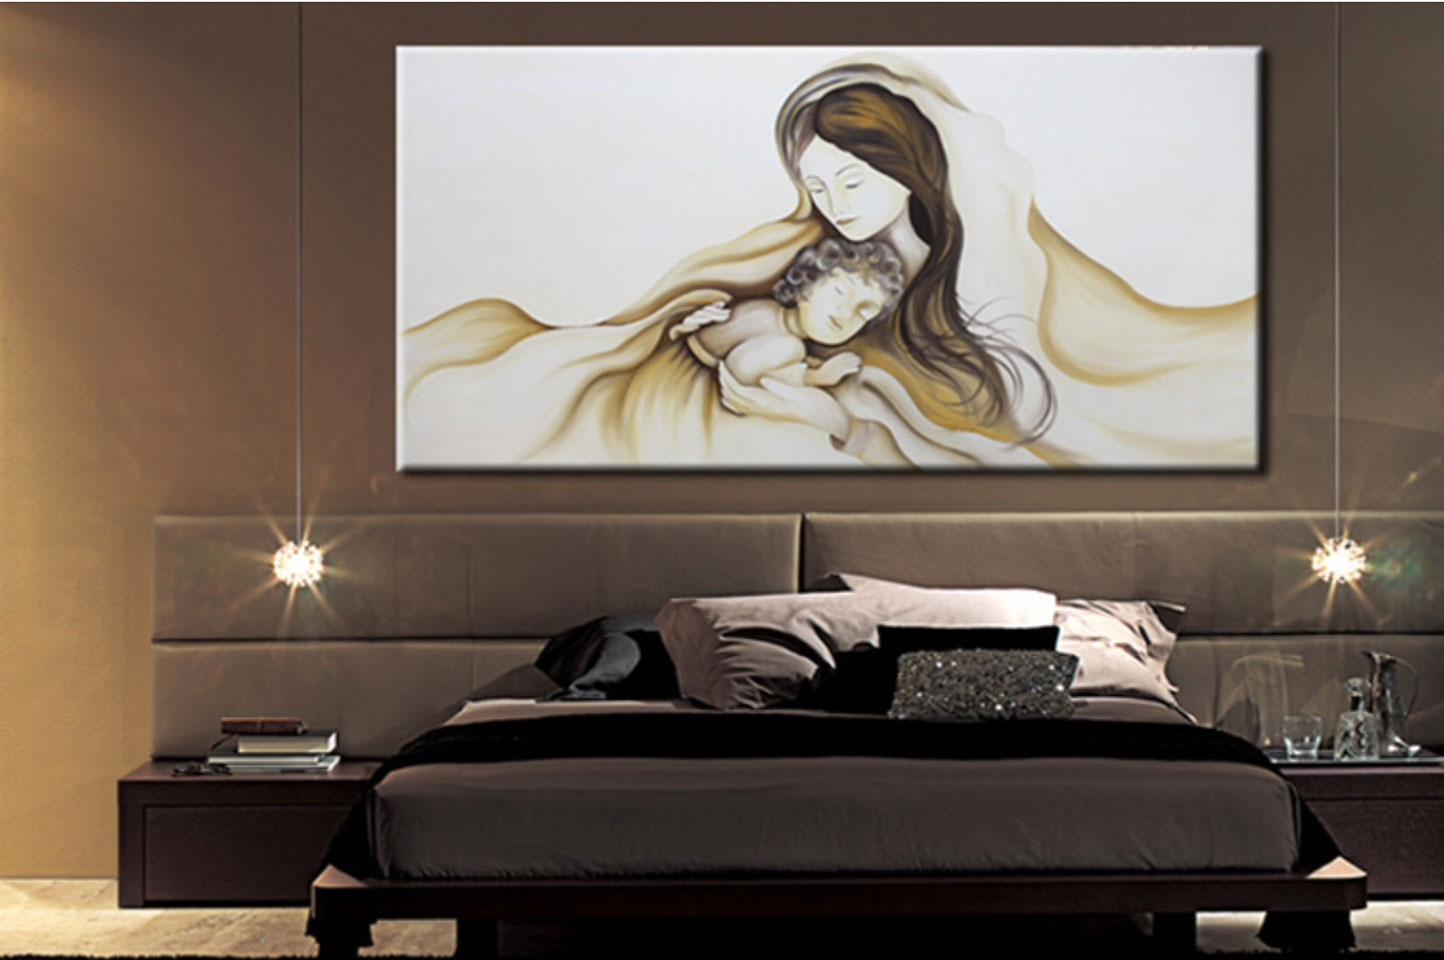 Chiara chironna idee d 39 arredo camera da letto - Fiori in camera da letto ...